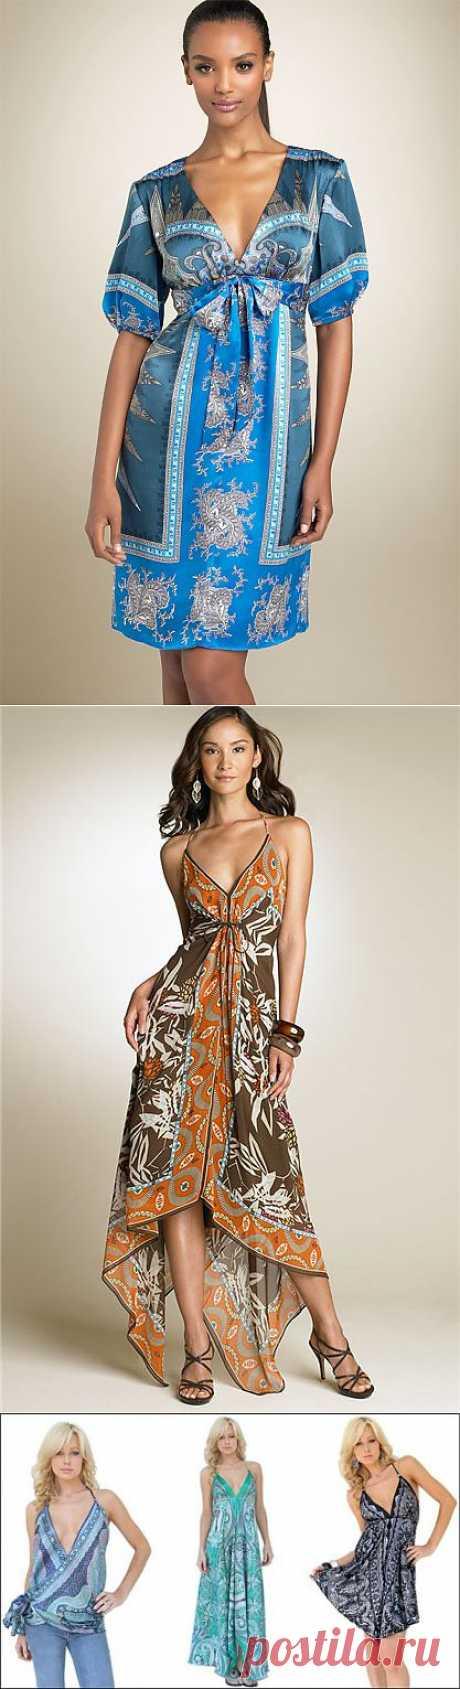 коллекция платьев из платков (Dina M) / Платки / Модный сайт о стильной переделке одежды и интерьера